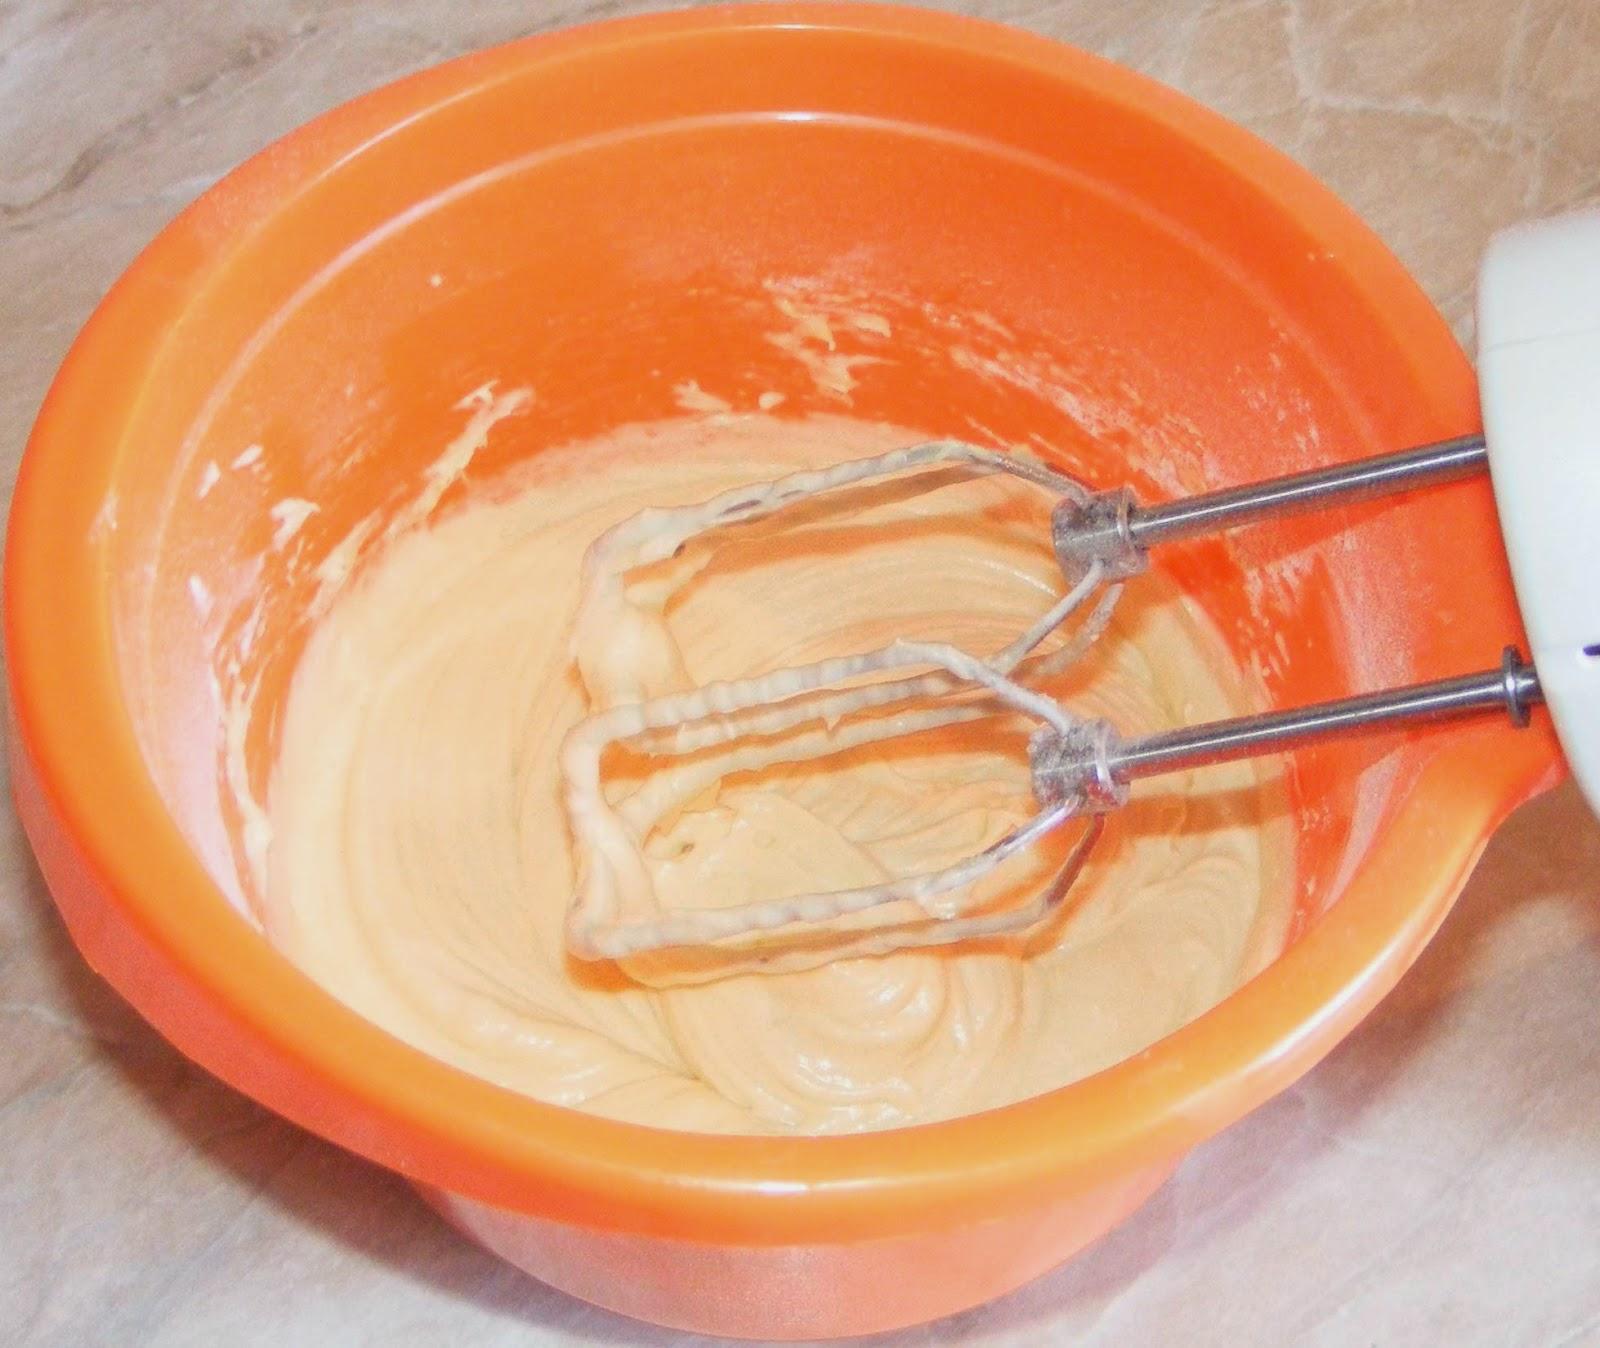 preparare briose, cum facem briose, cum se prepara briose, cum se fac briose, crema briose preparare, retete de briose cu visine,